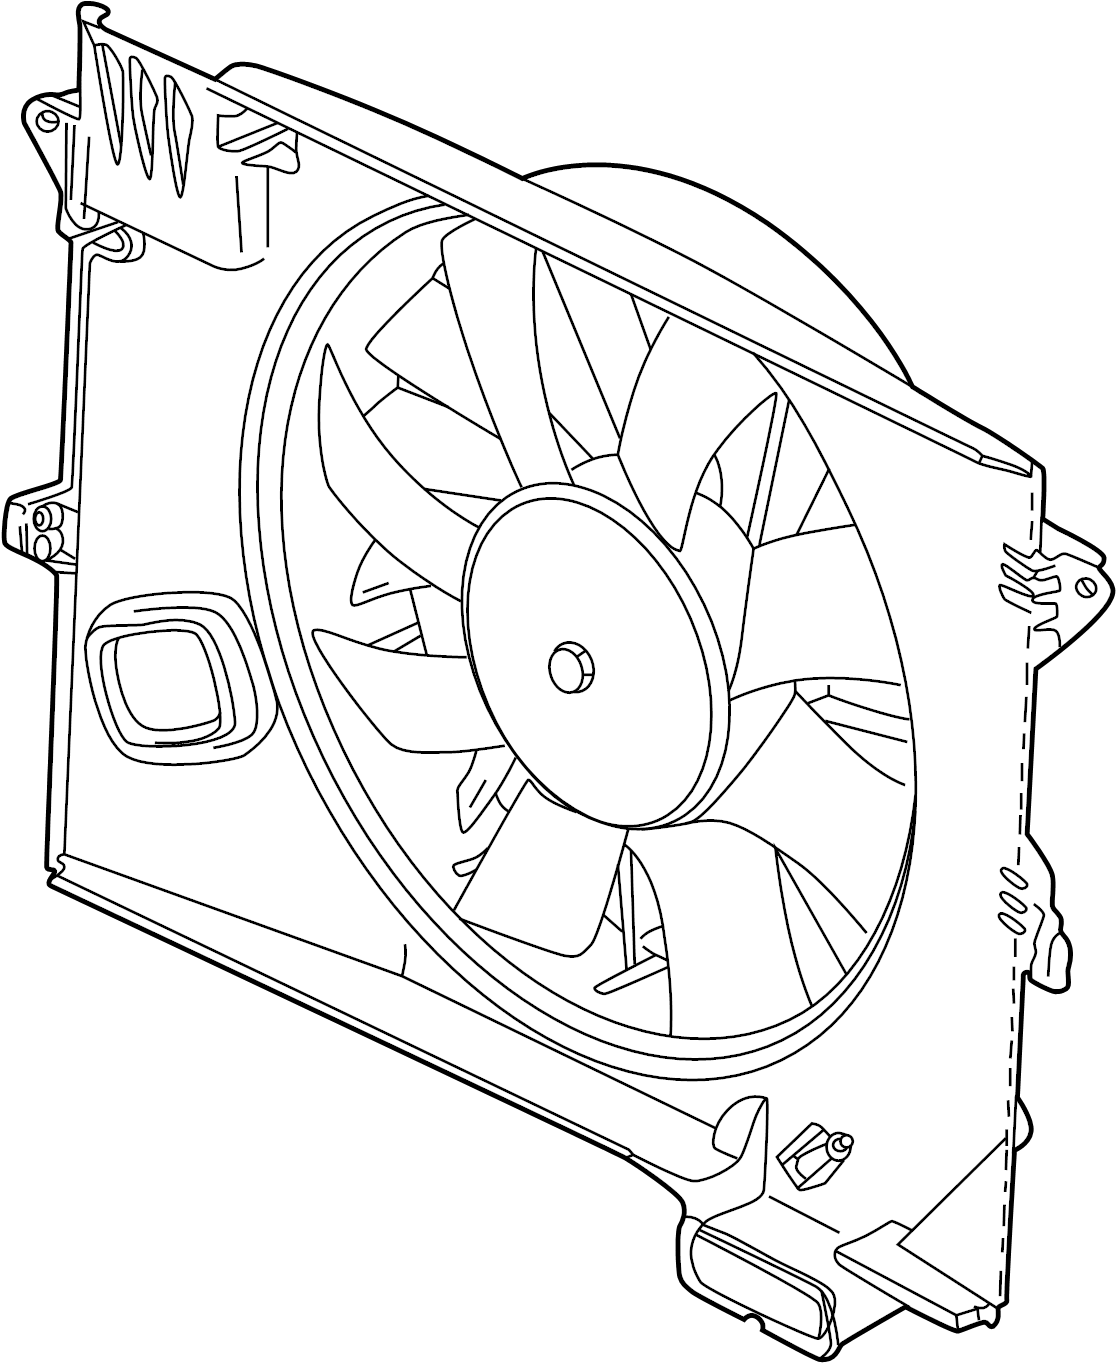 Jaguar Xkr Engine Cooling Fan Assembly